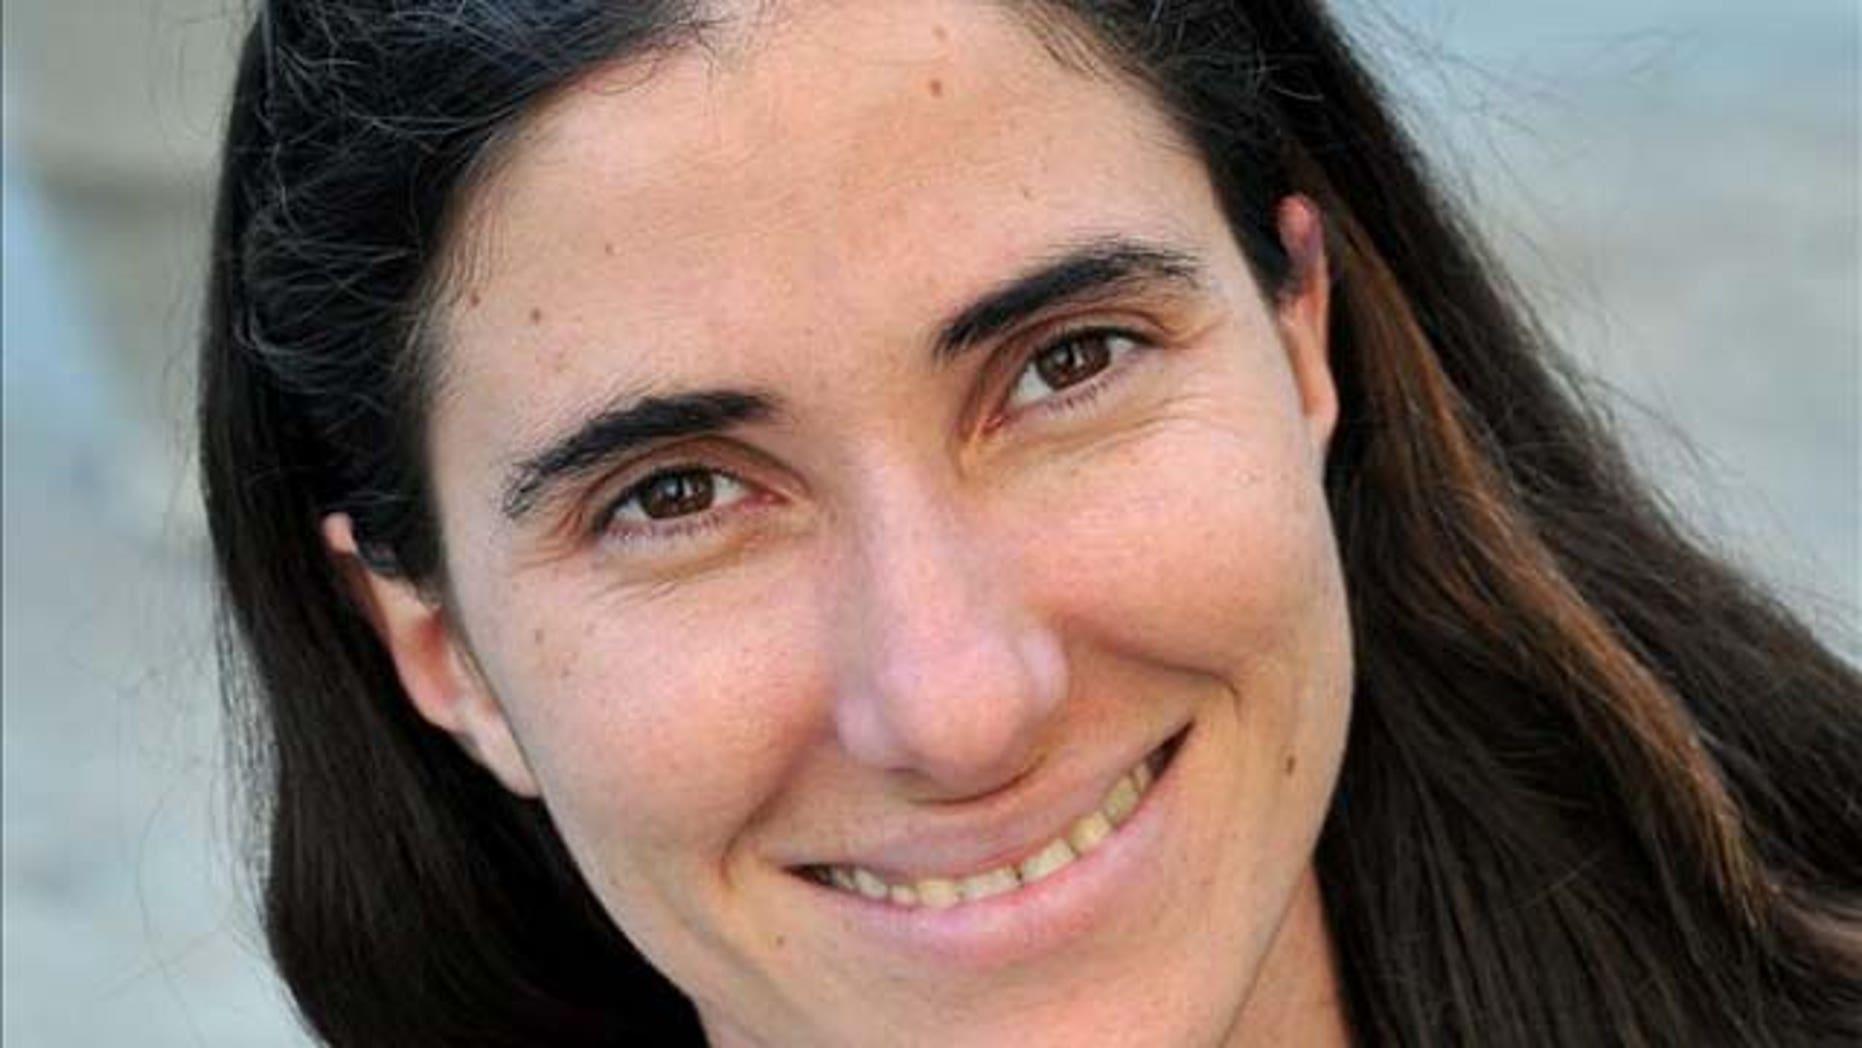 Yoani Sanchez's blog gets more than 14 million hits a month.